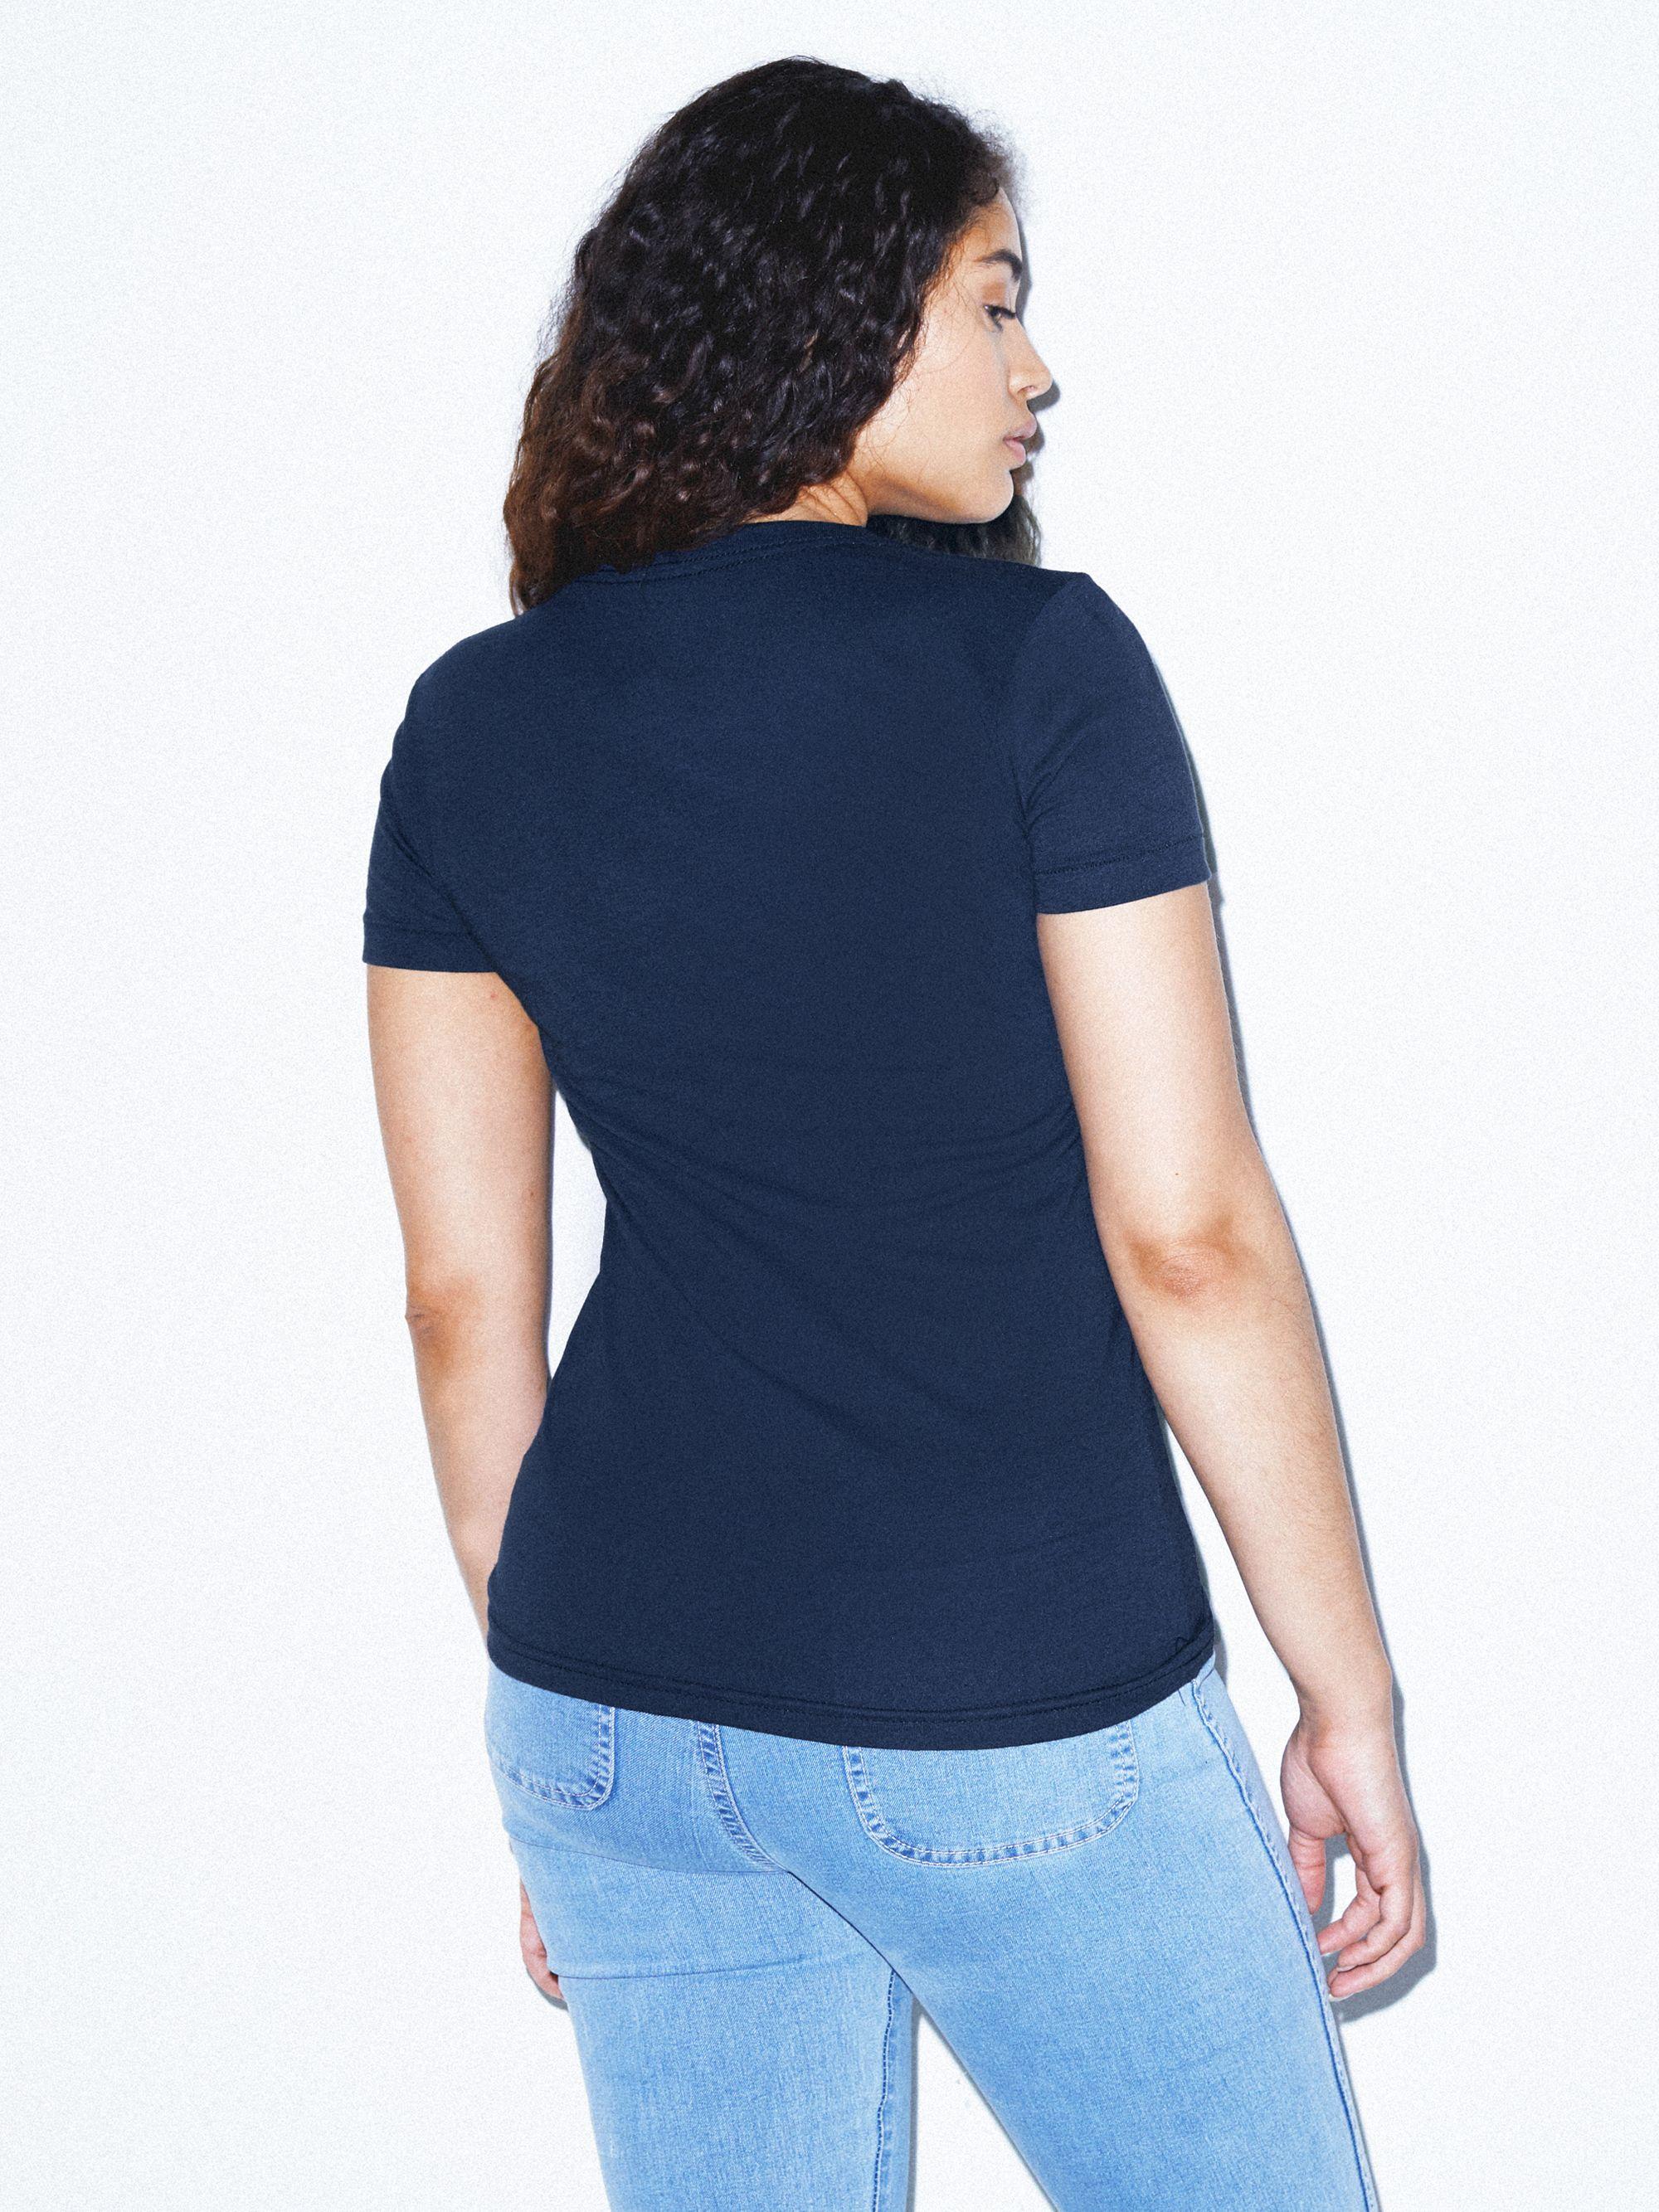 e79cb2a805bd38 50/50 Classic Crewneck T-Shirt   American Apparel